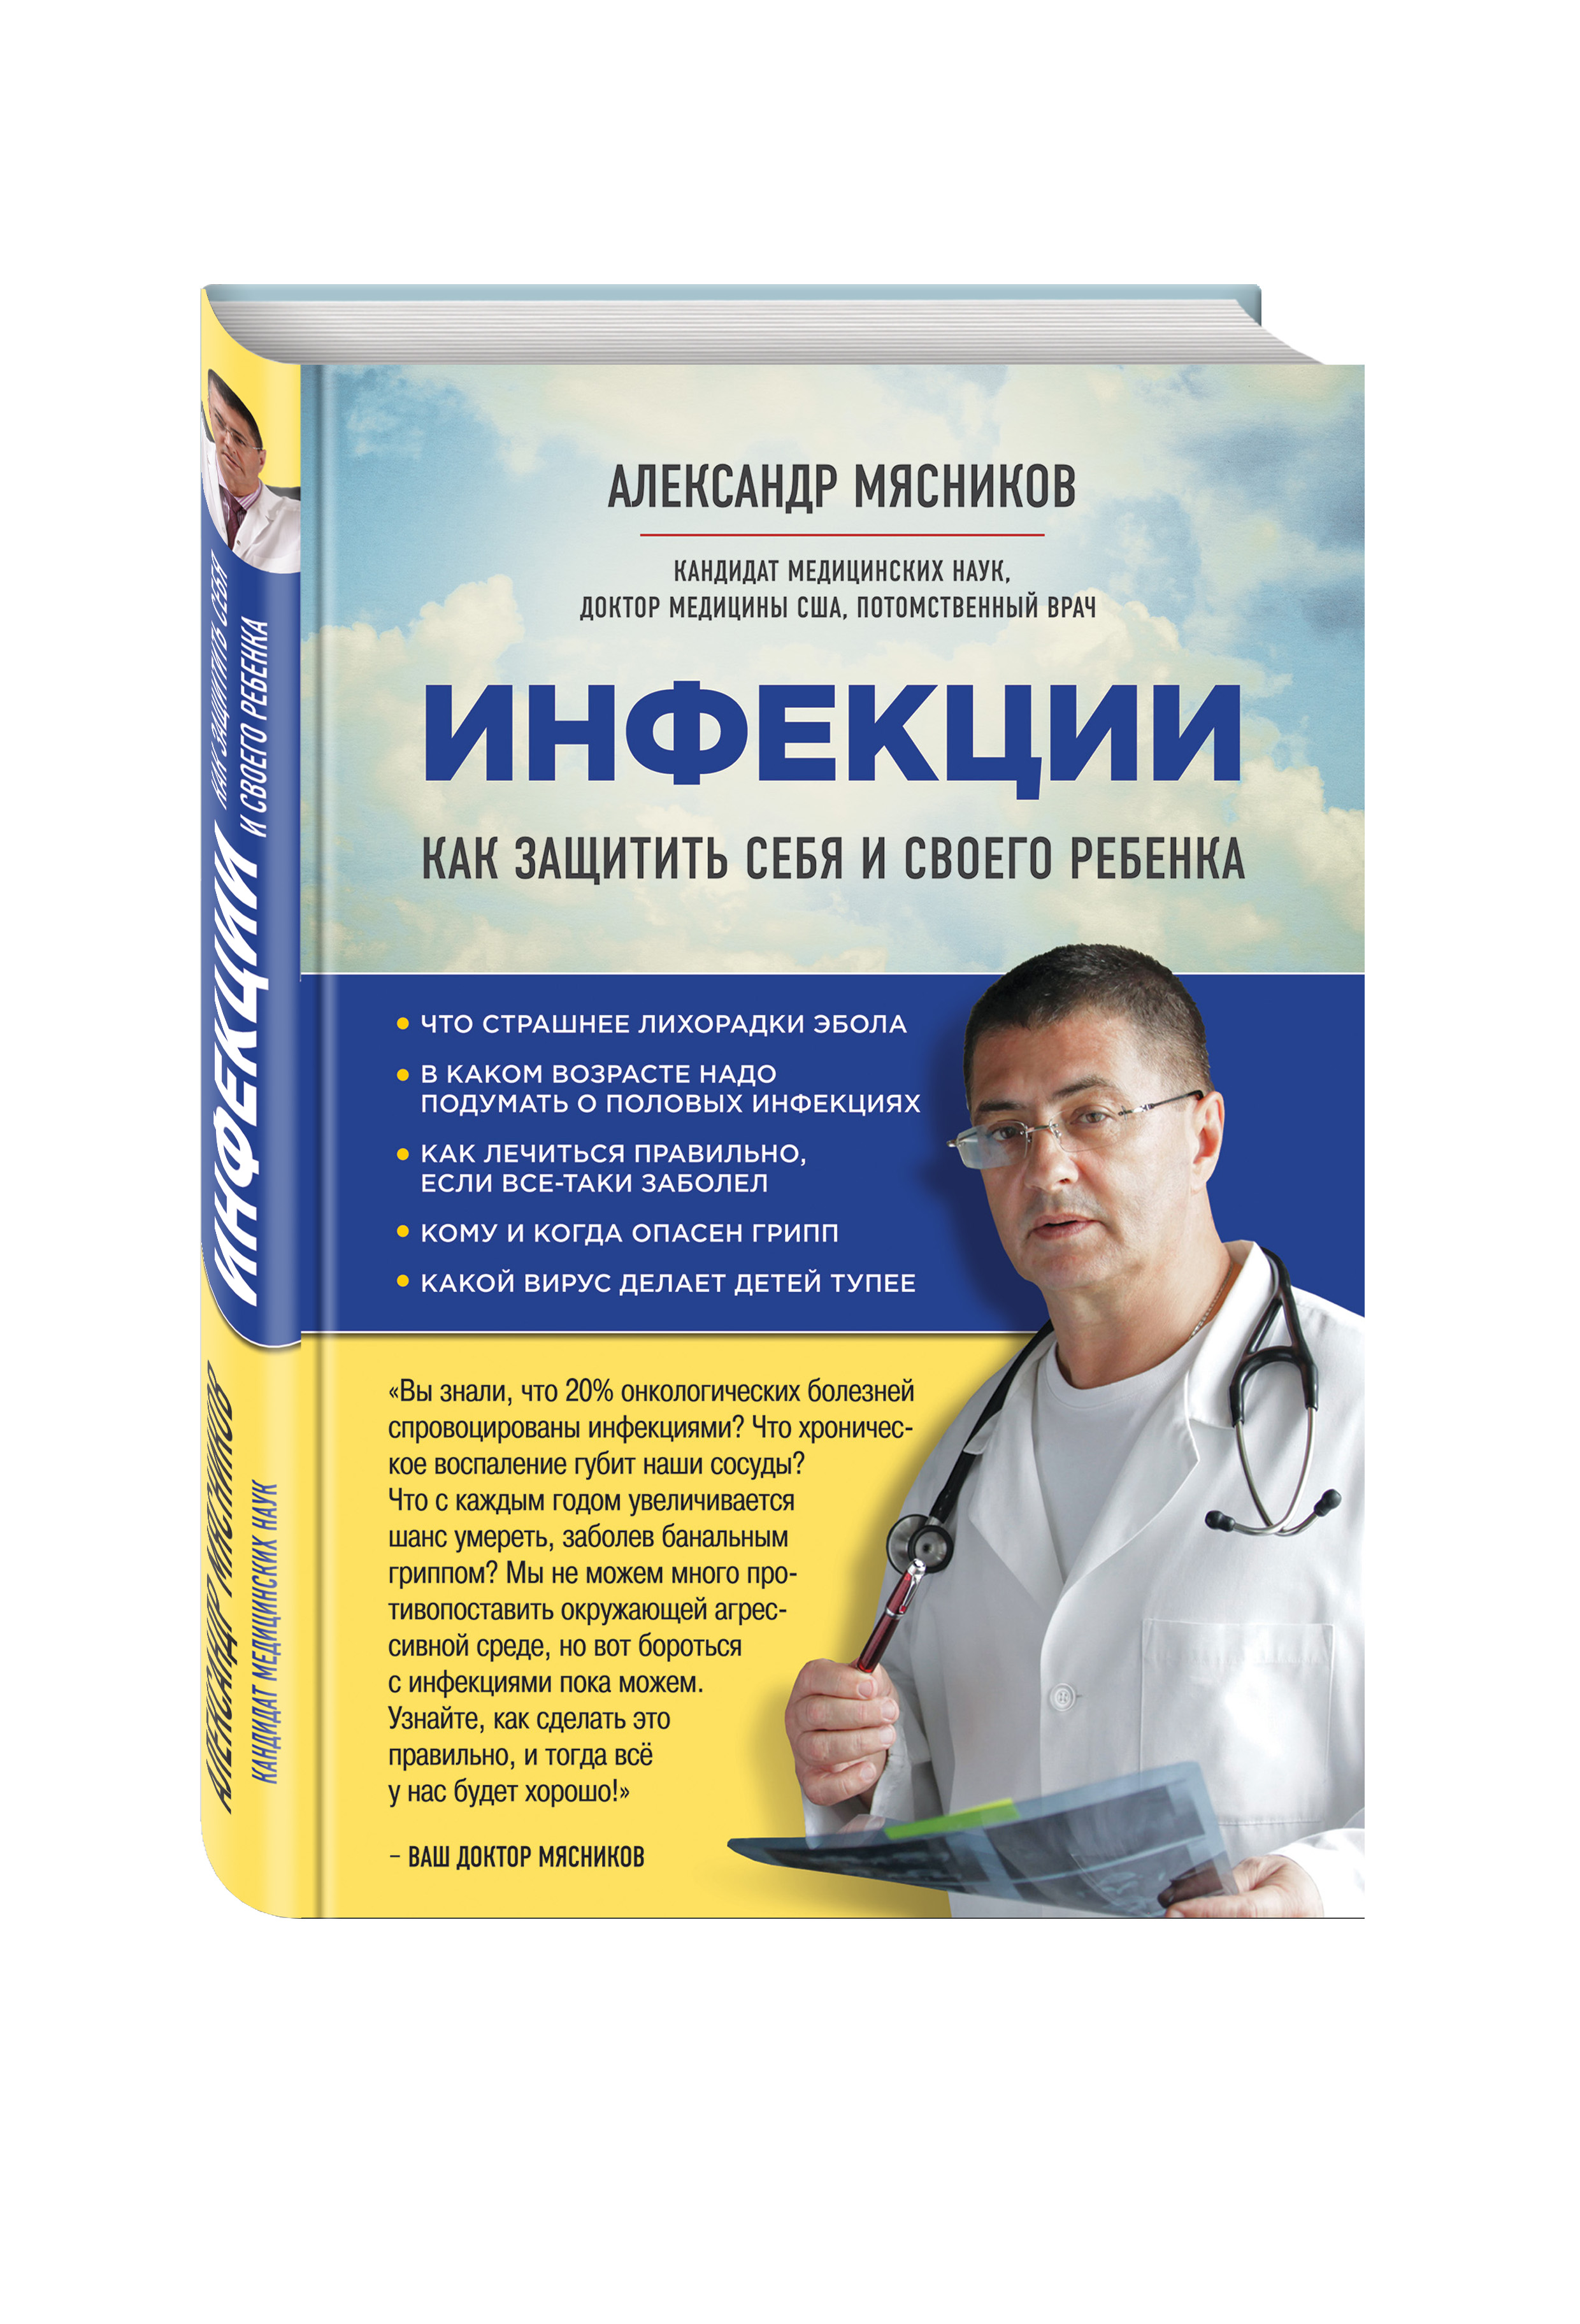 Инфекции. Как защитить себя и своего ребенка от book24.ru